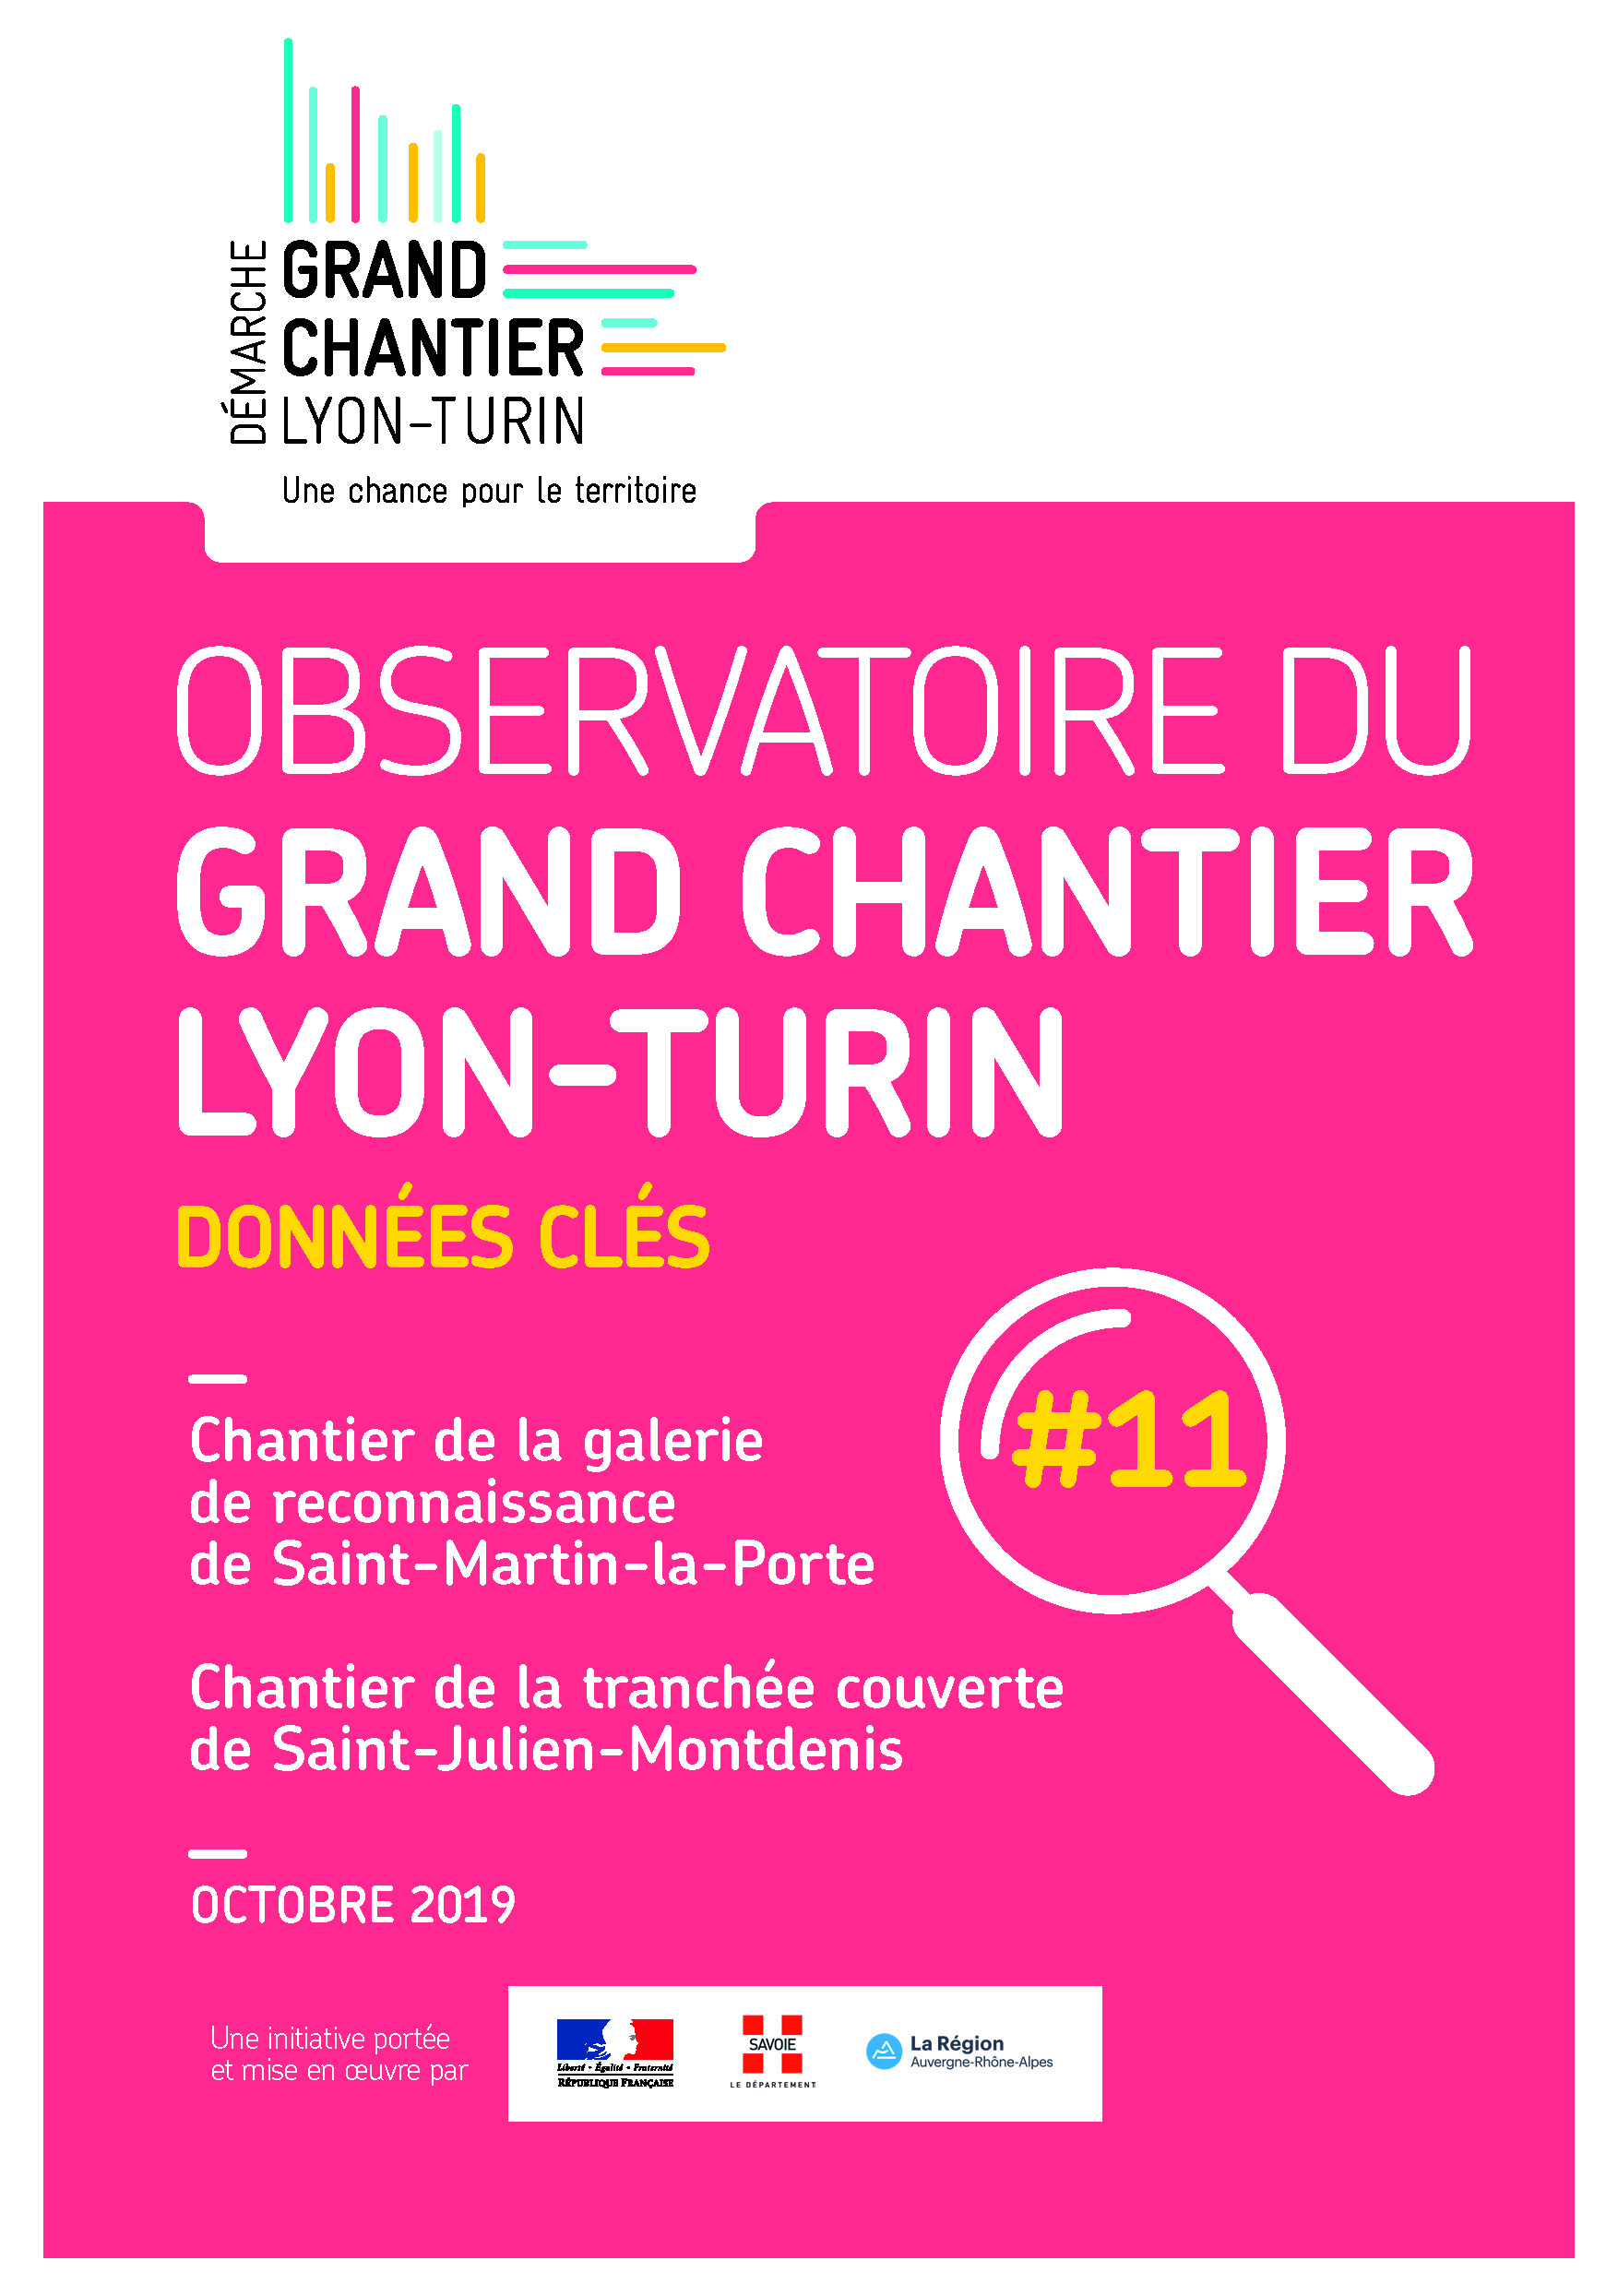 Pages de OBS DGC Lyon-Turin - données clés n°11 - 10 2019